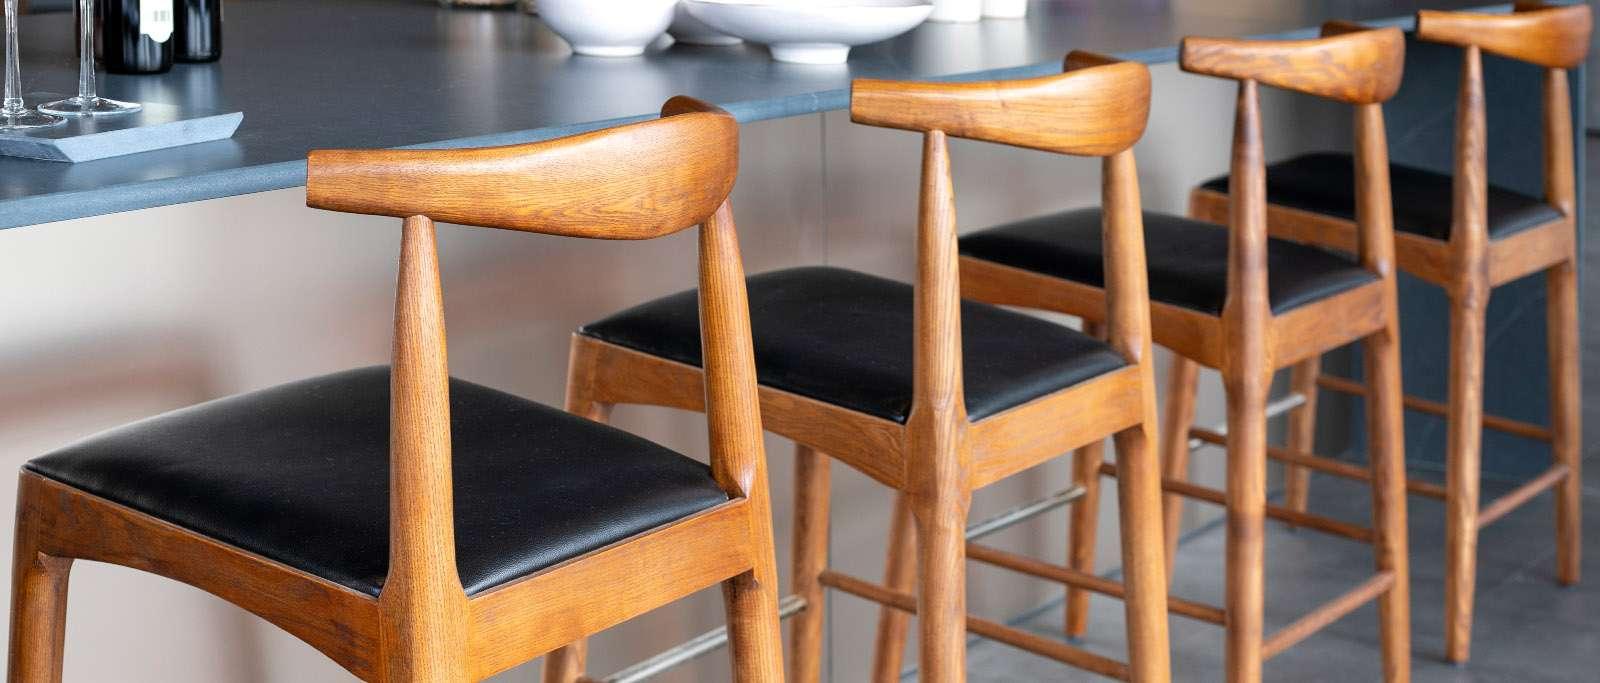 כסאות בר לעיצוב הדלפק